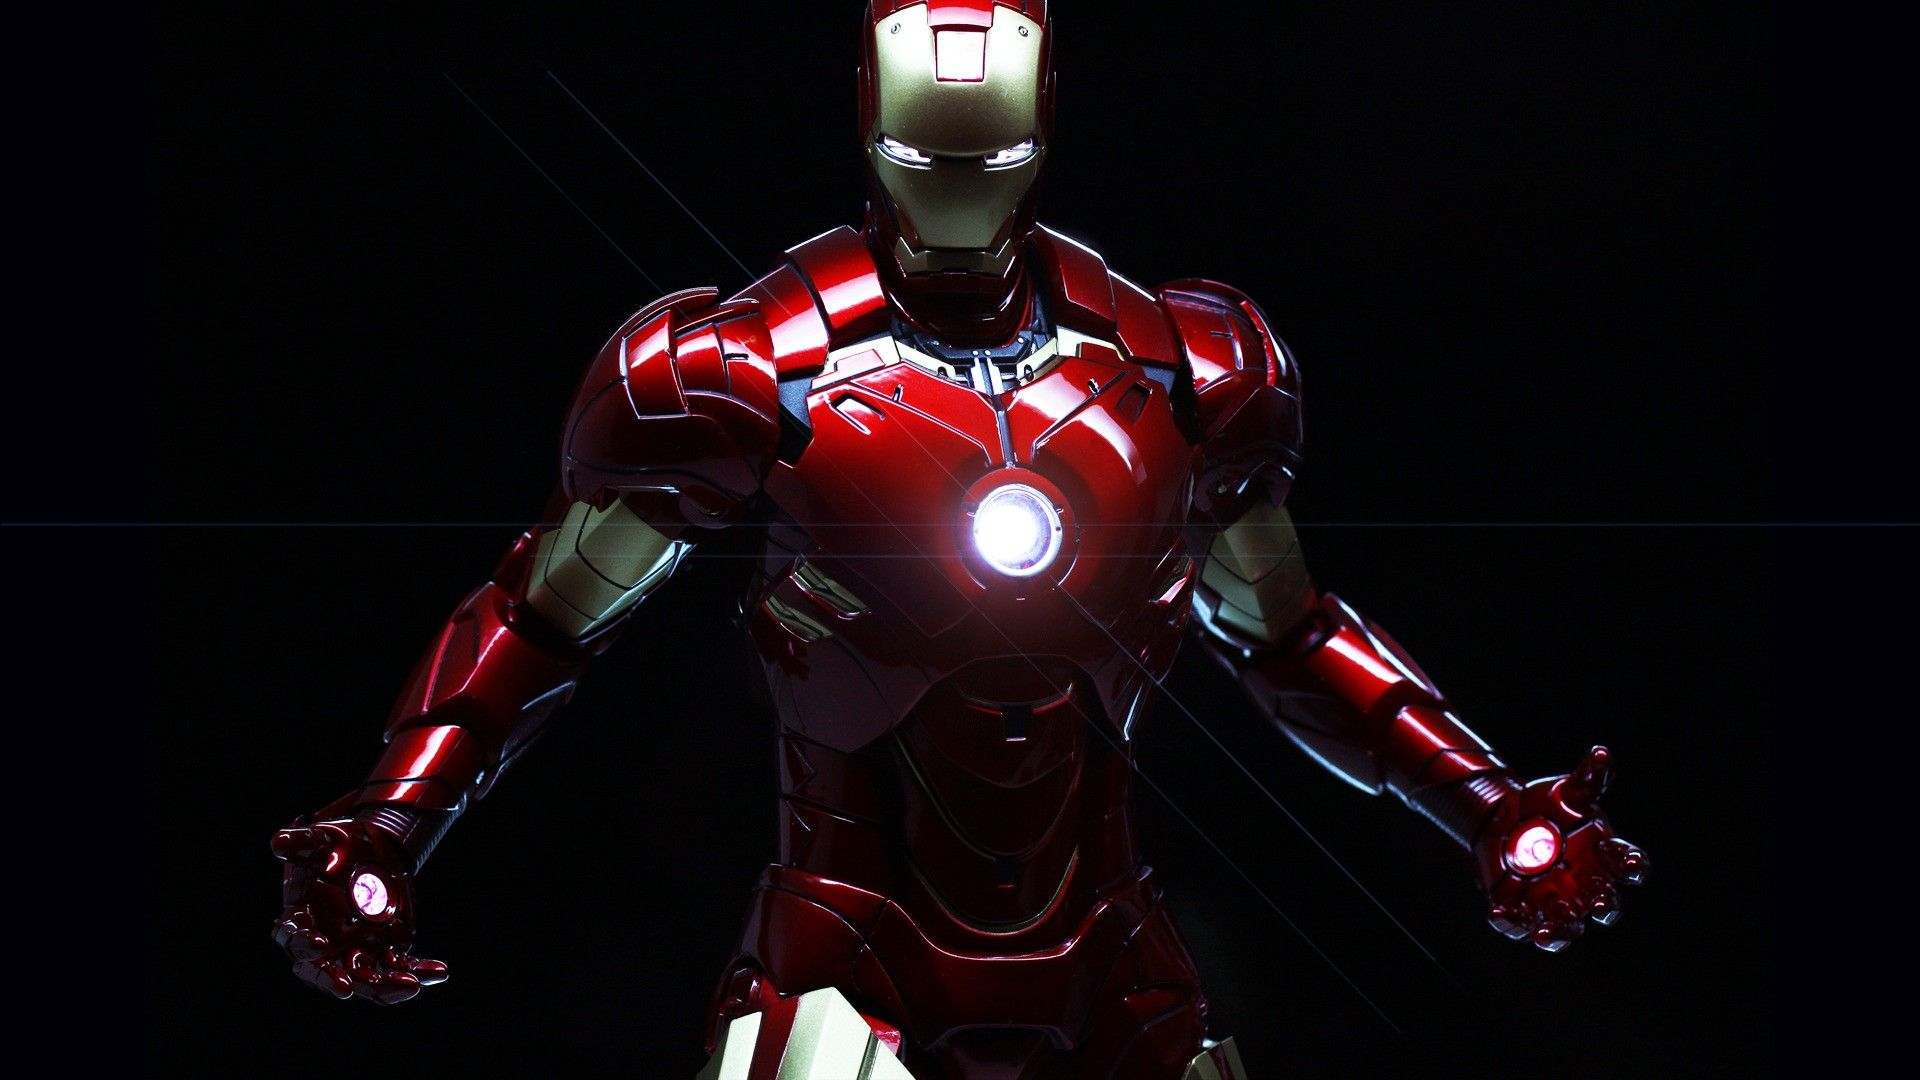 1920x1080 Nhóm hình nền HD siêu anh hùng (164)